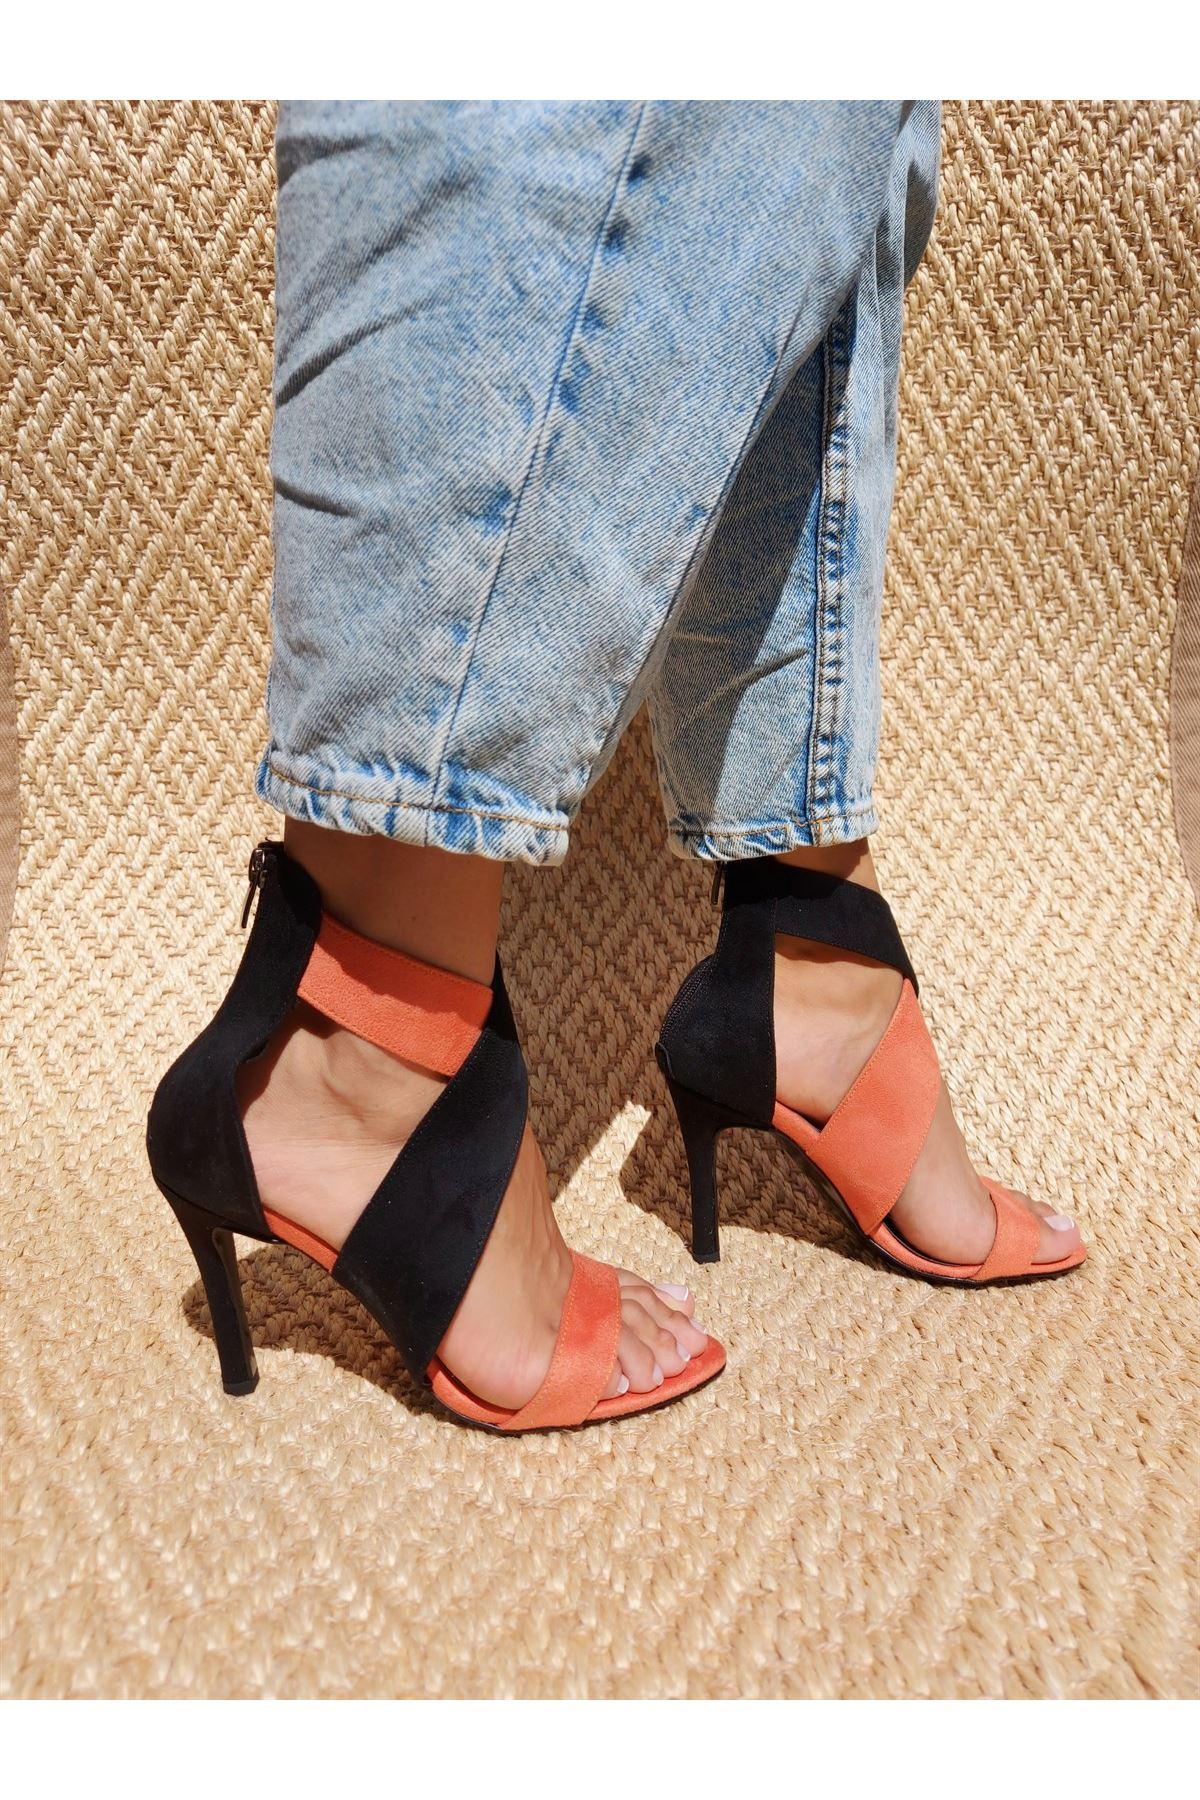 Xana Siyah-Turuncu Çapraz Topuklu Ayakkabı